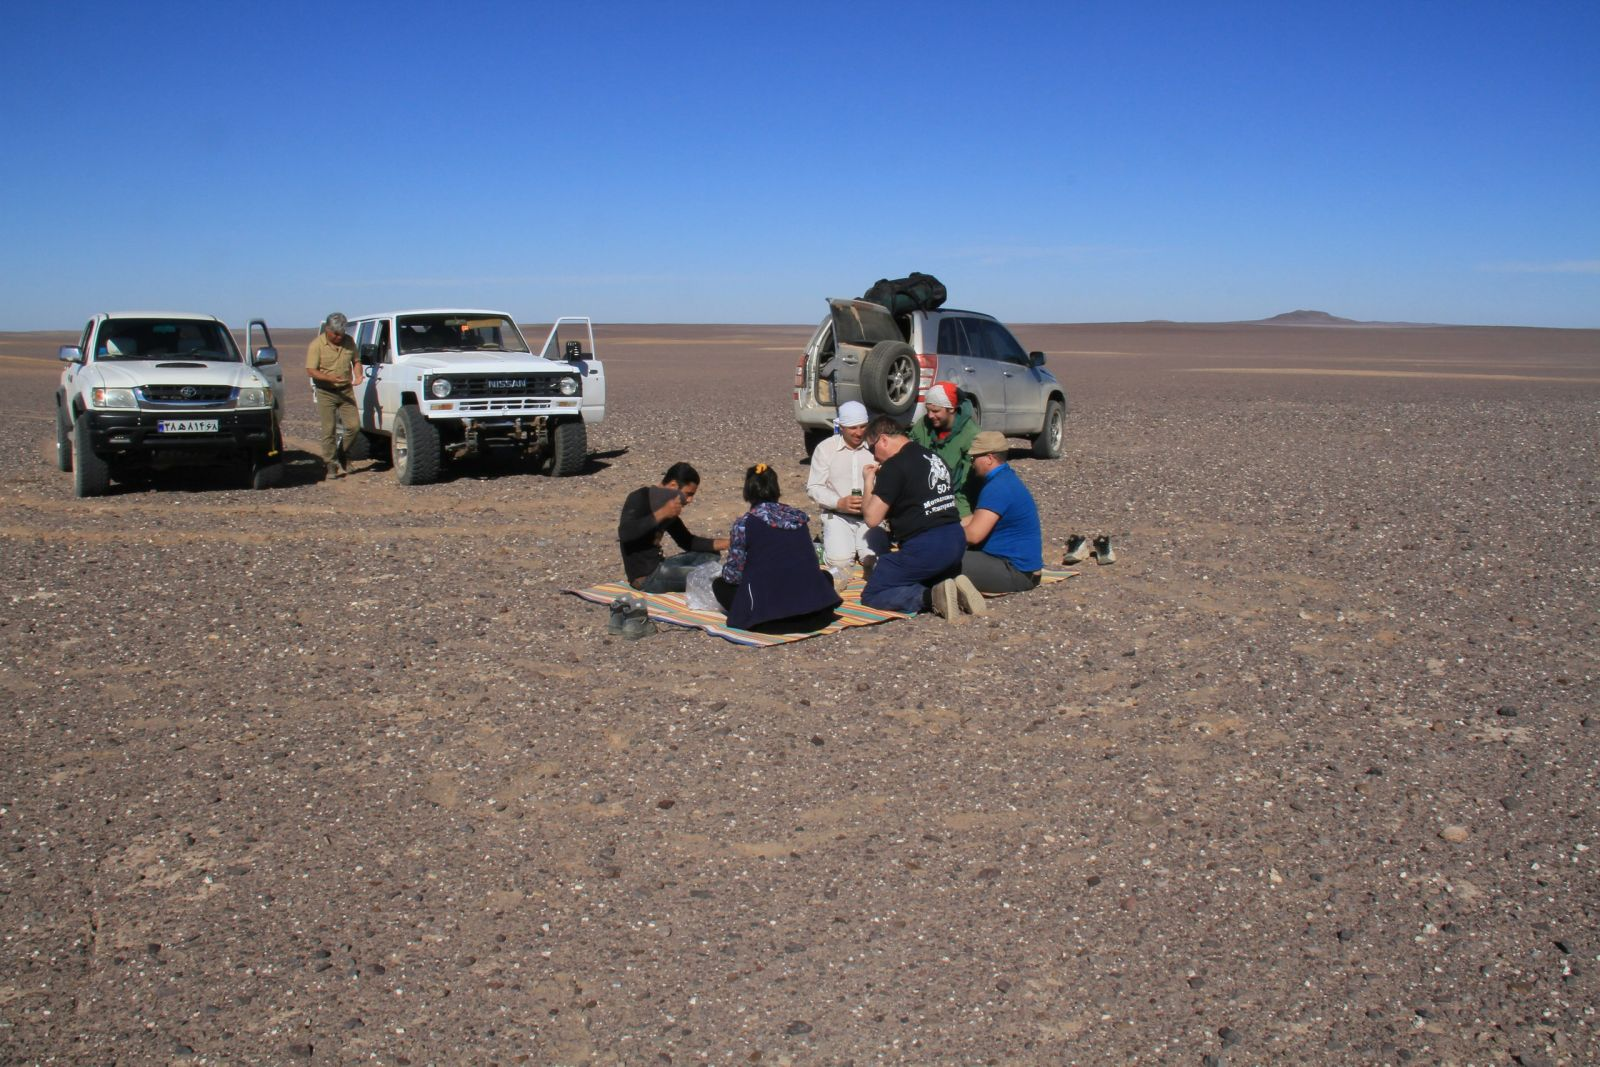 Уральские ученые отыскали вИране 12 килограммов вероятных метеоритов